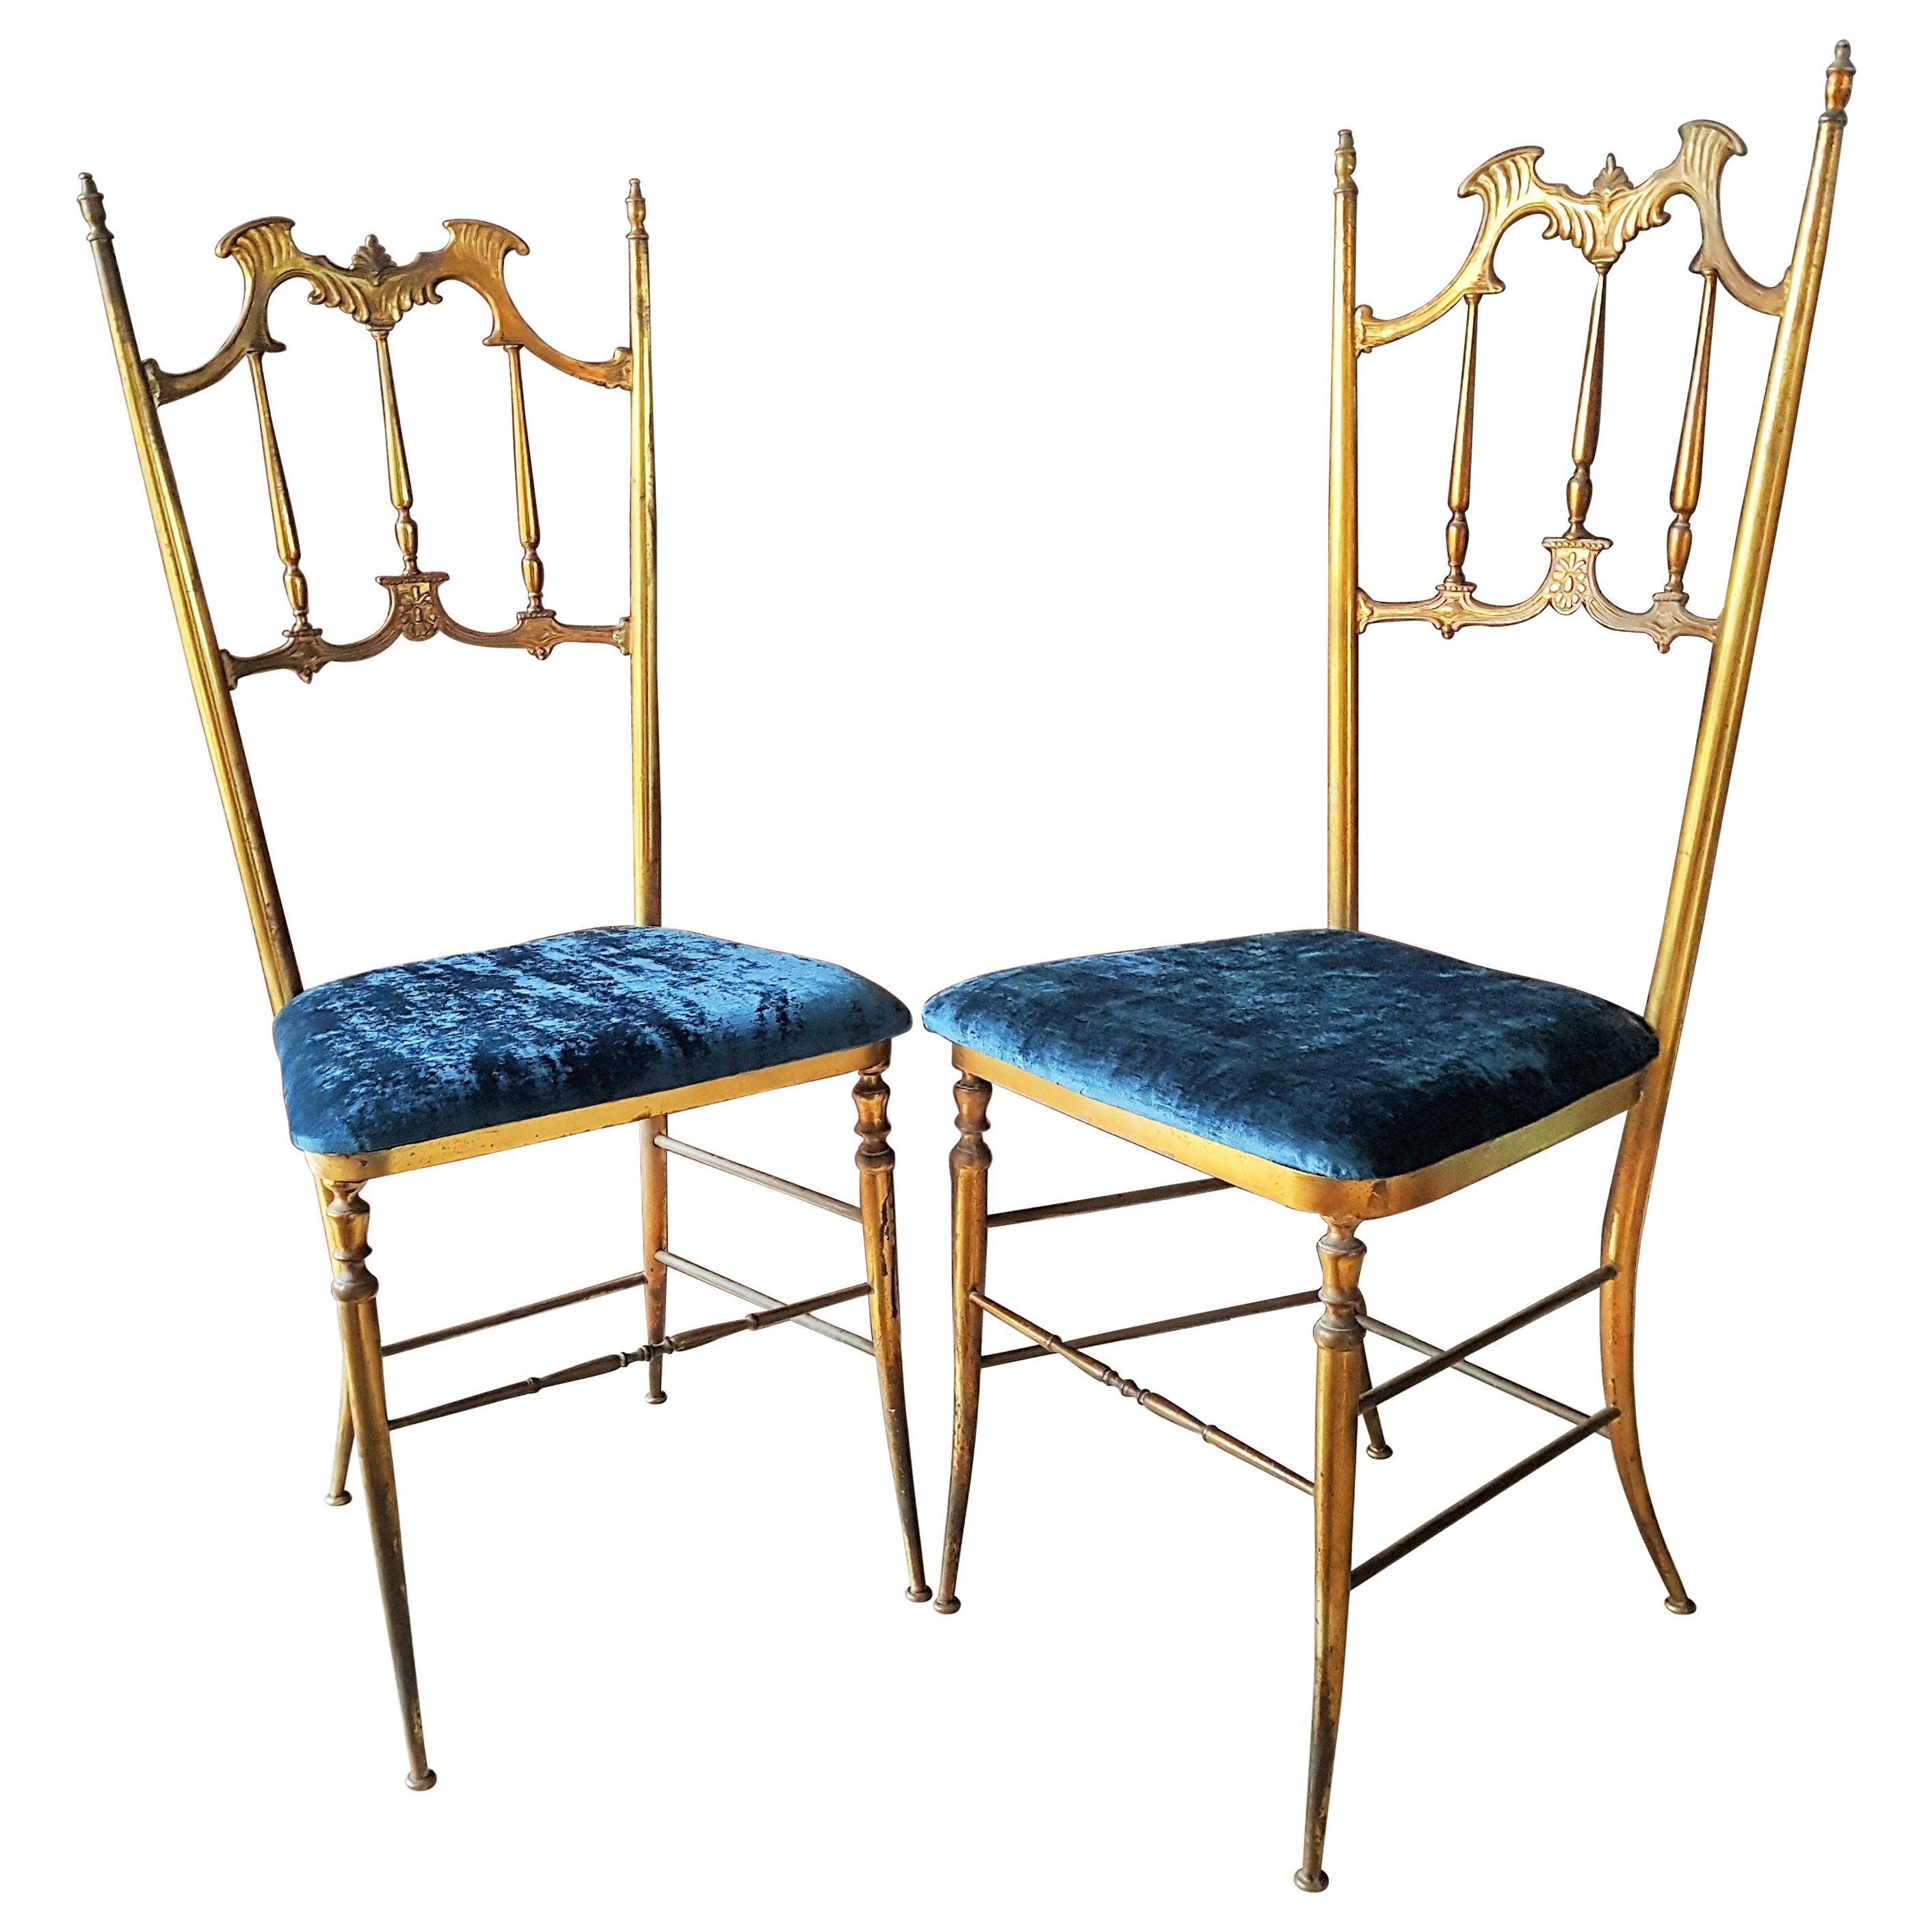 Midcentury Pair of Brass Italian Chiavari Chairs, Italy, 1950s